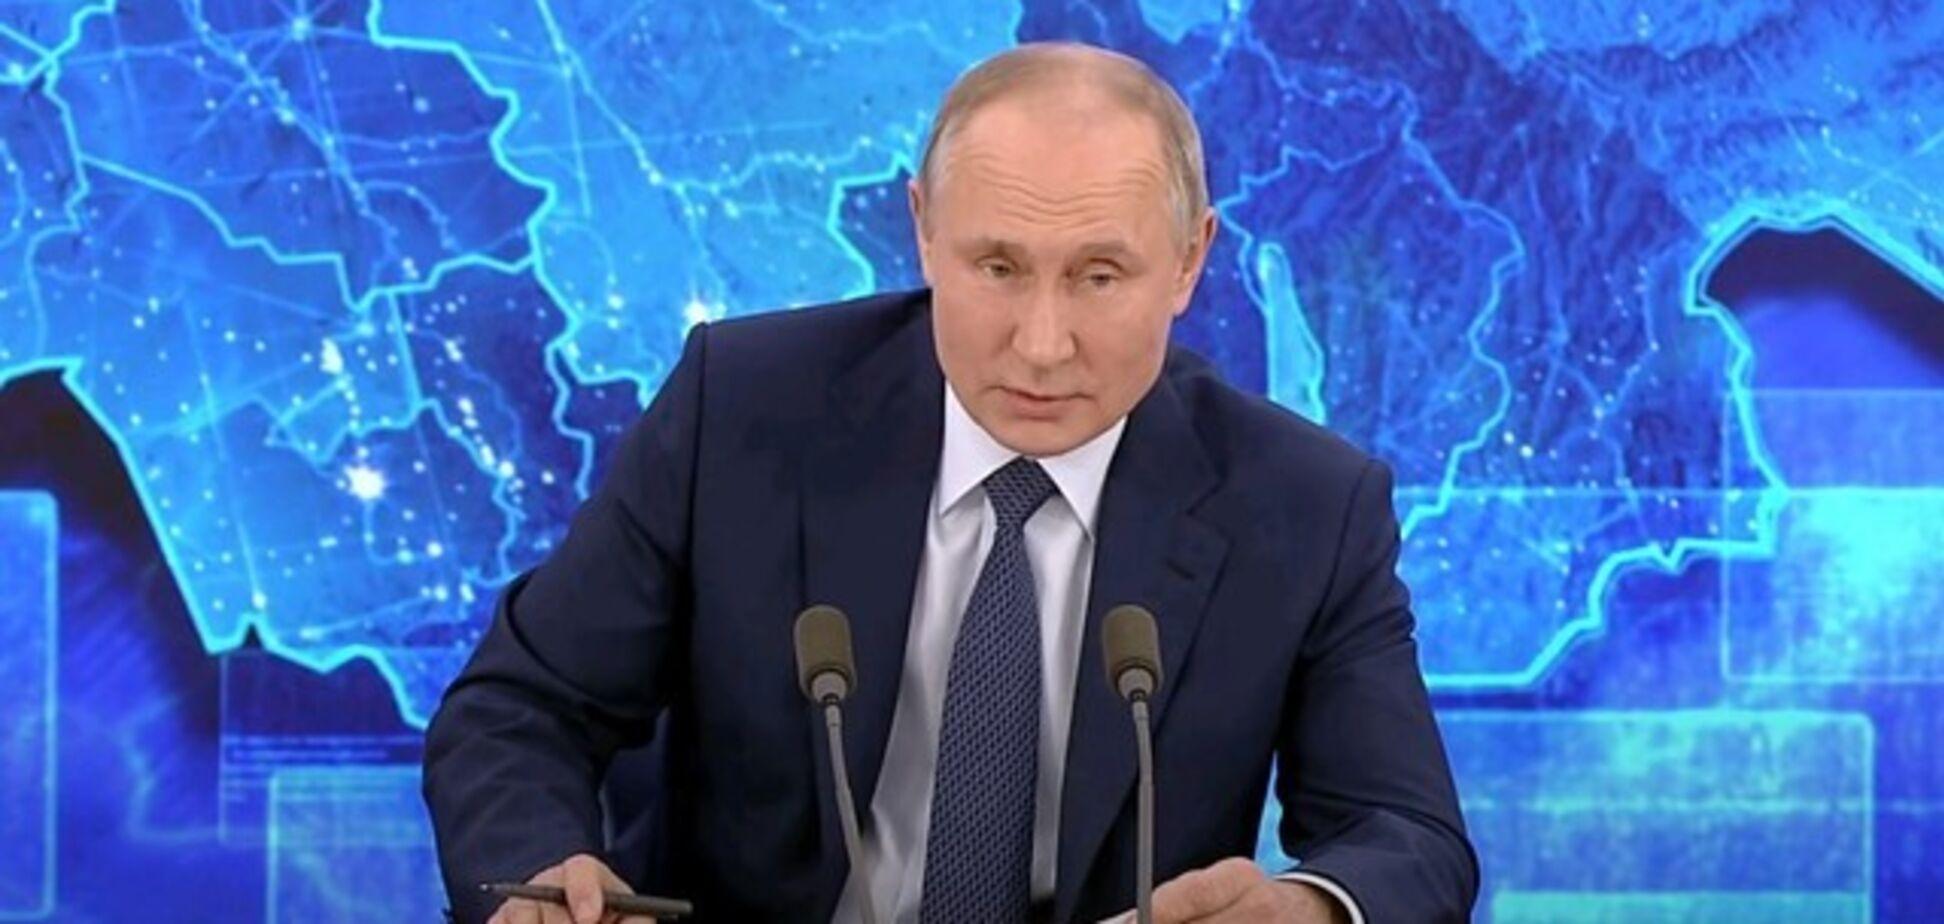 Прес-конференція: Путін поставив в незручне становище своїх підлеглих